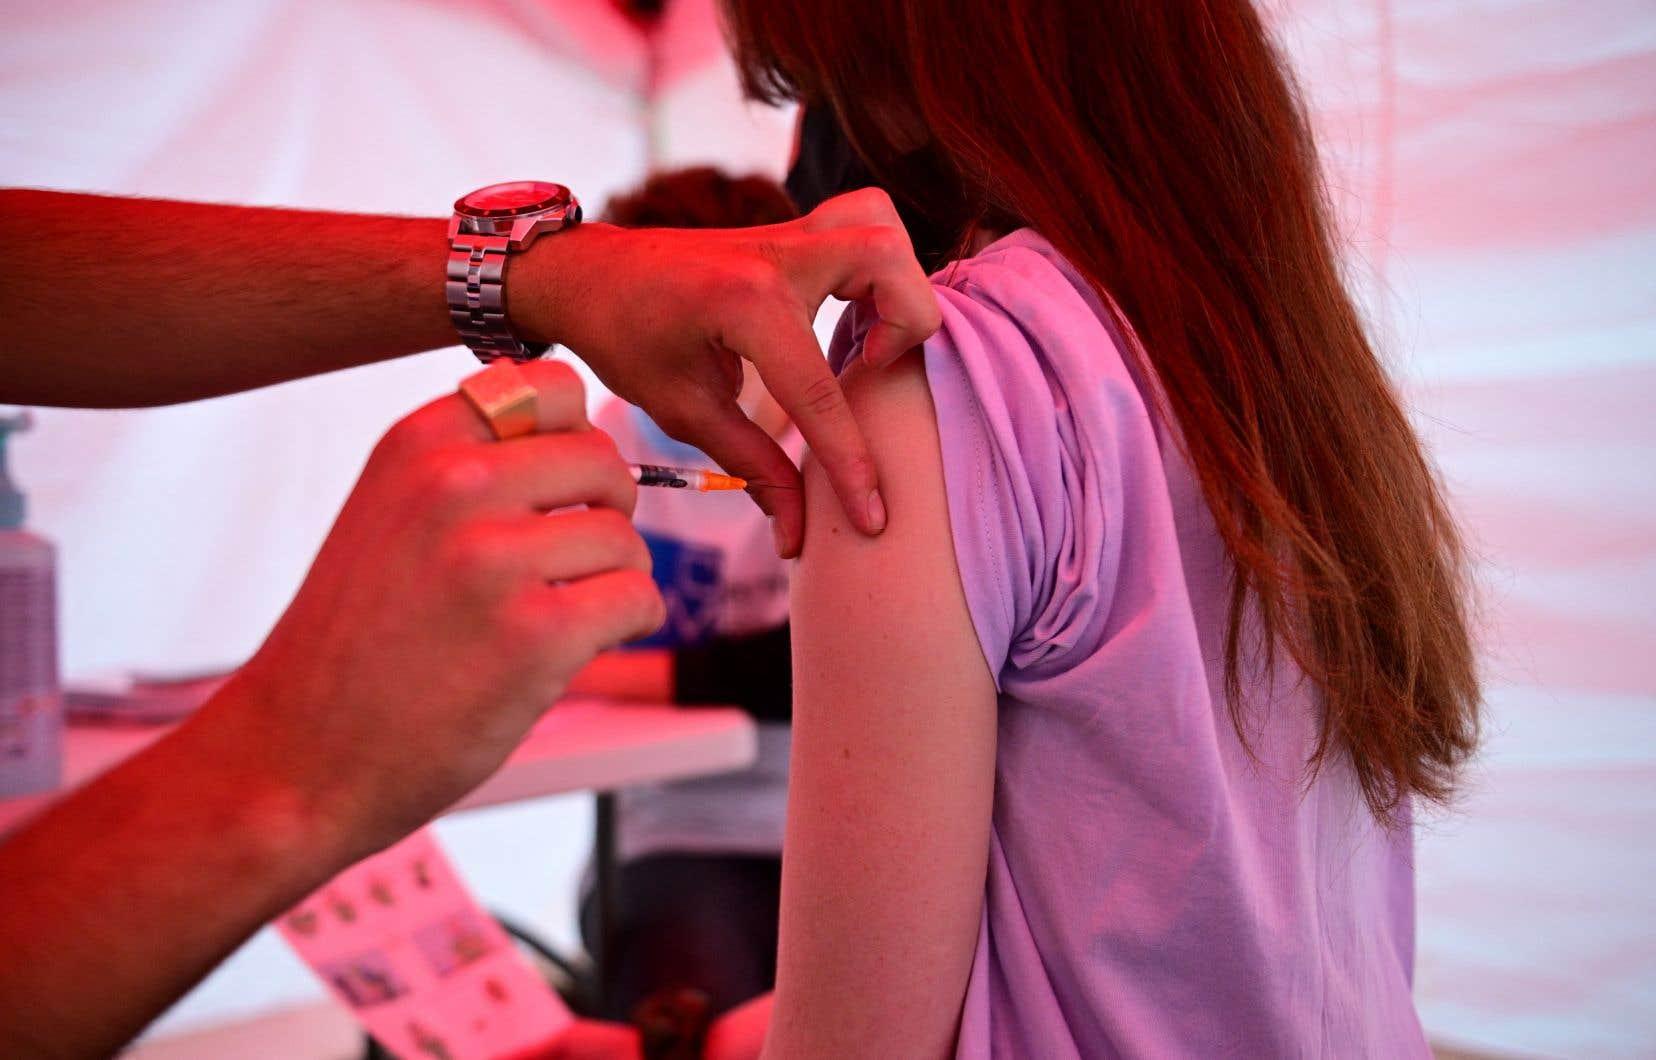 Le record de vaccination quotidienne a été battu mardi avec 792339 injections comptabilisées en fin d'après-midi, a annoncé le premier ministre, Jean Castex.